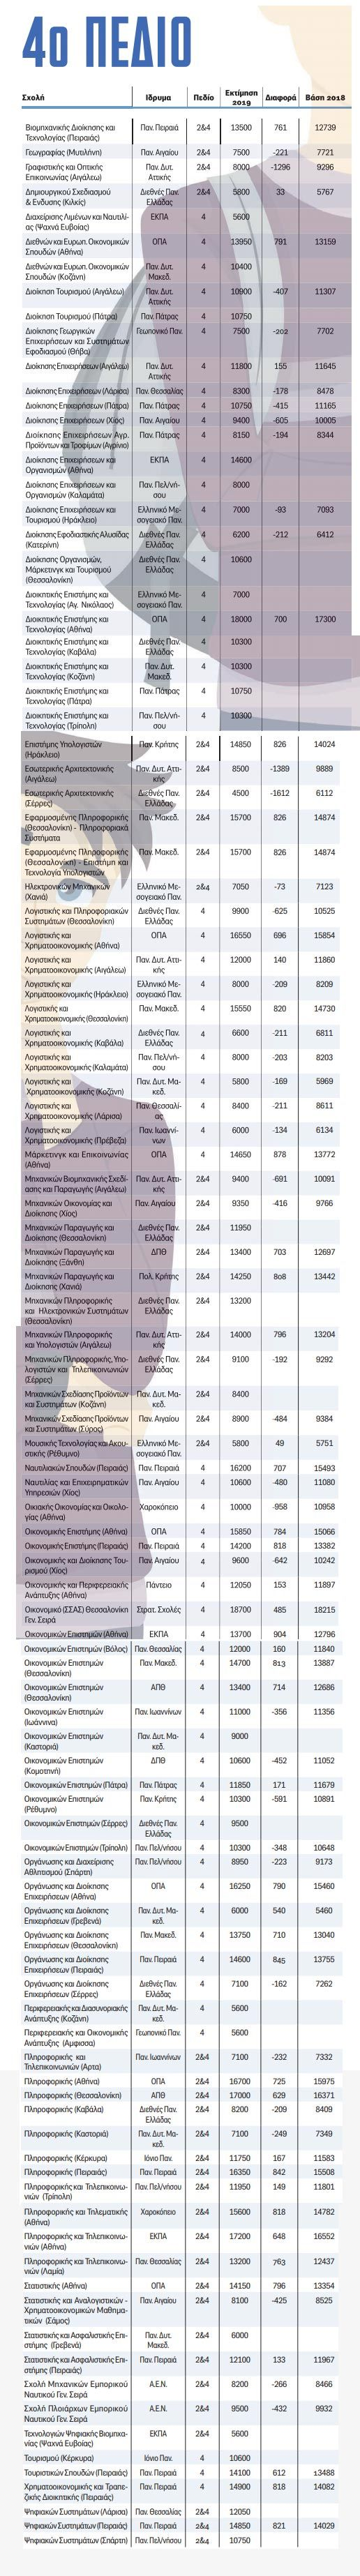 , Panhelénico: El ascenso y caída de cada escuela, Las estimaciones de Base 459 escuelas (Las tablas detalladas)